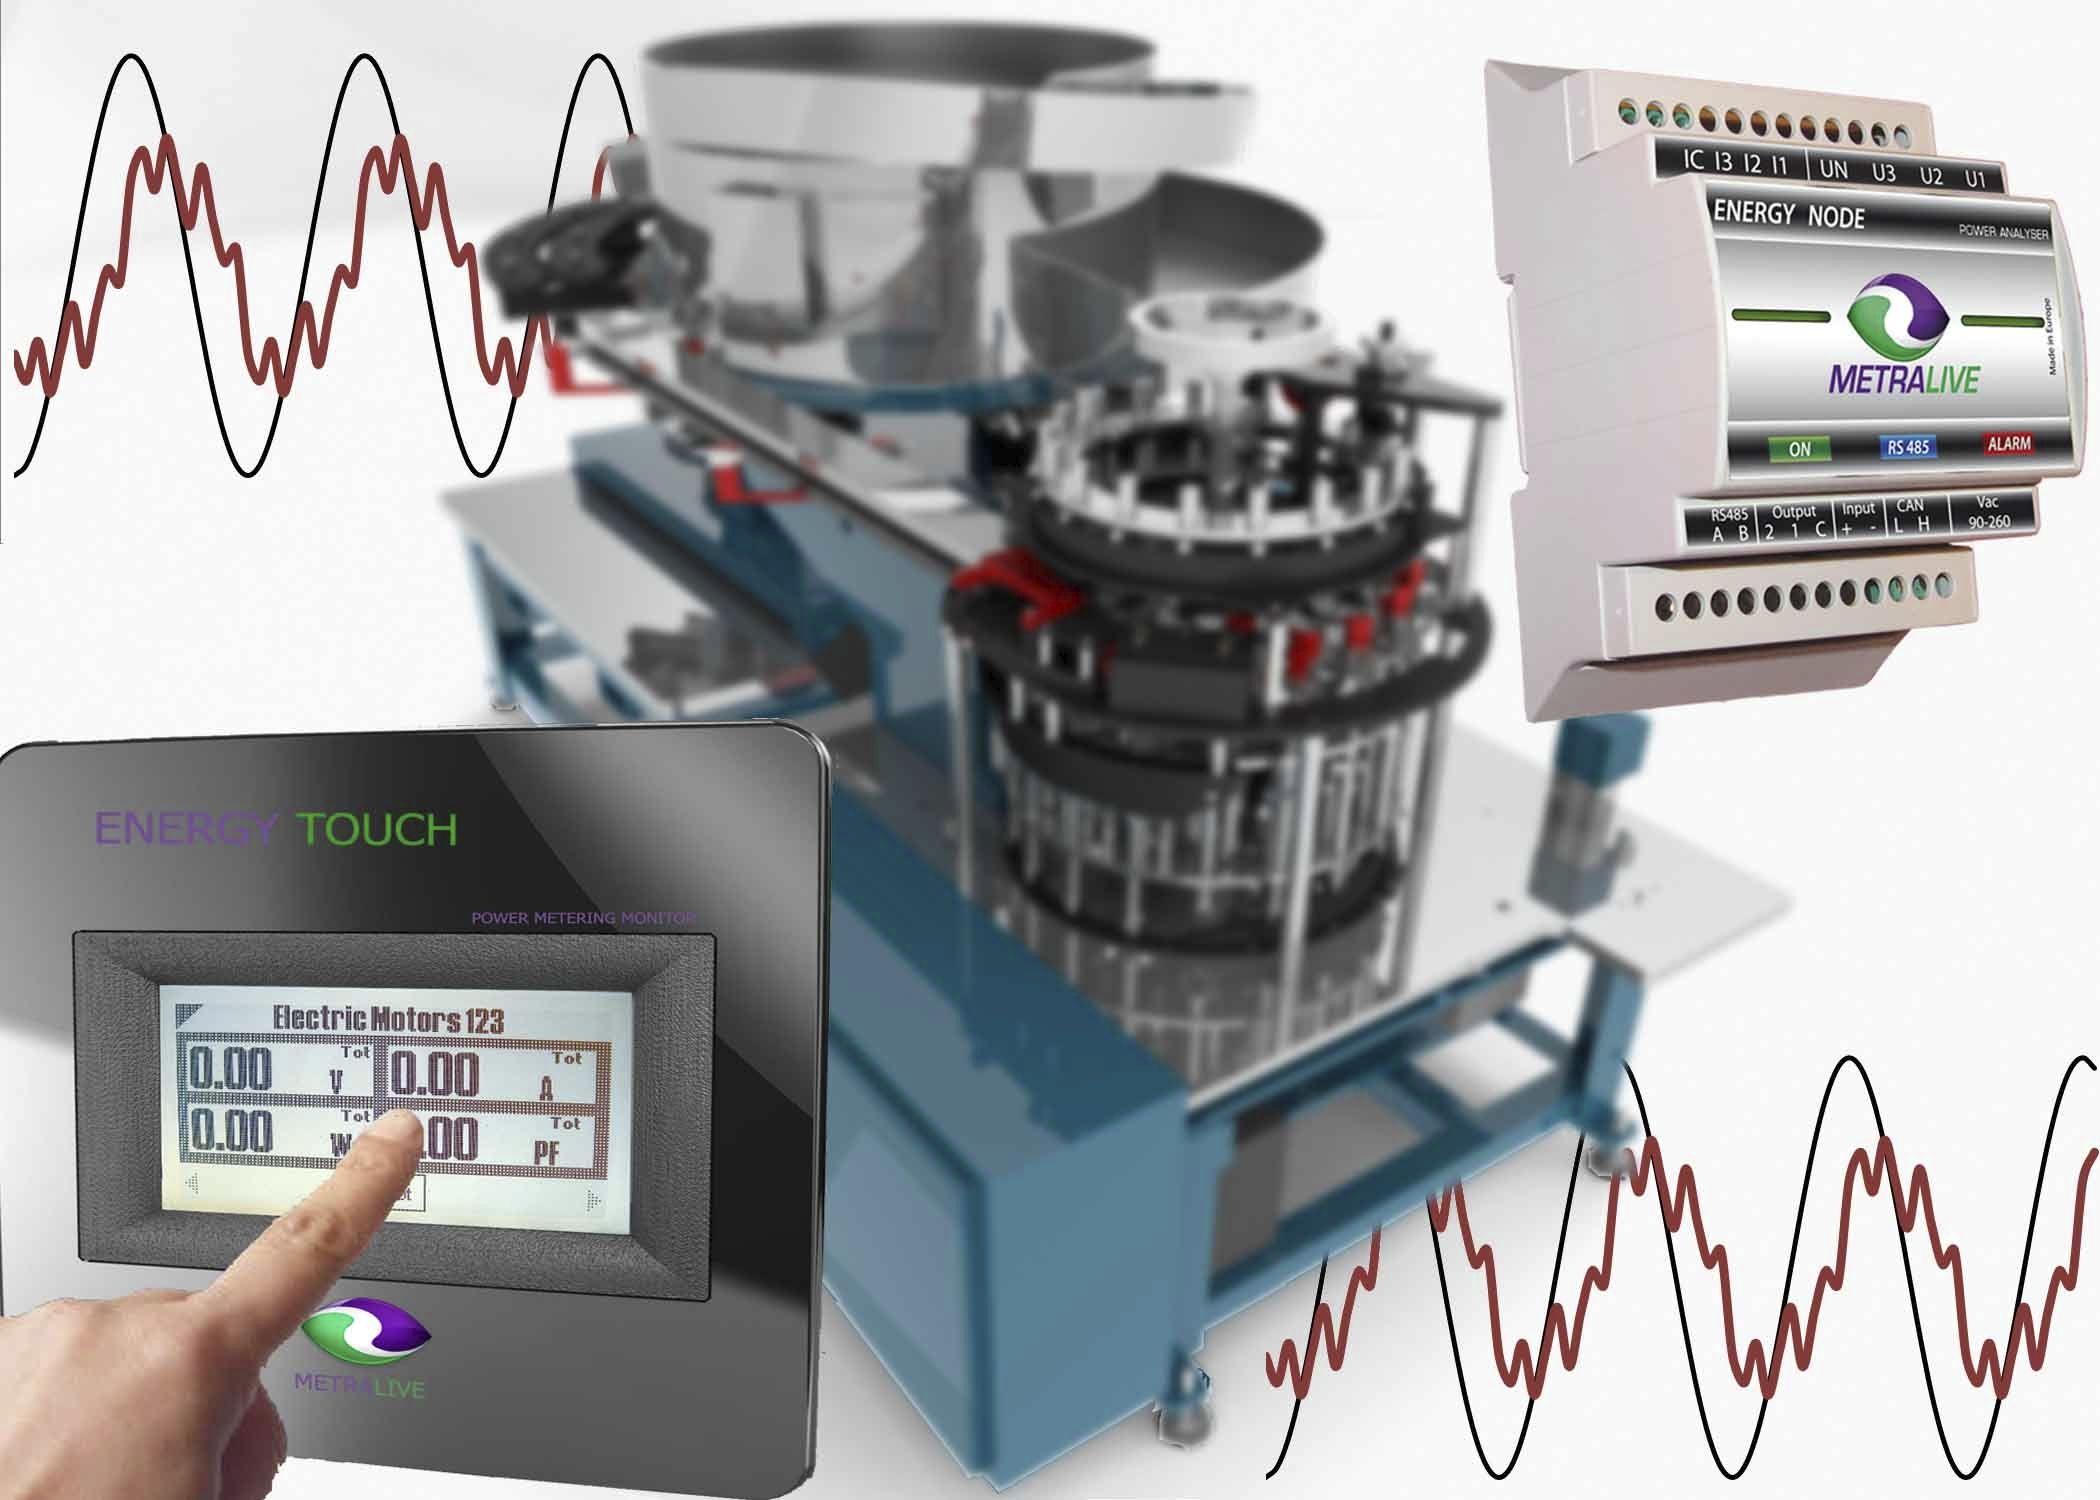 پروژه های شبیه سازی شده آماده برای کیفیت توان الکتریکی power quality